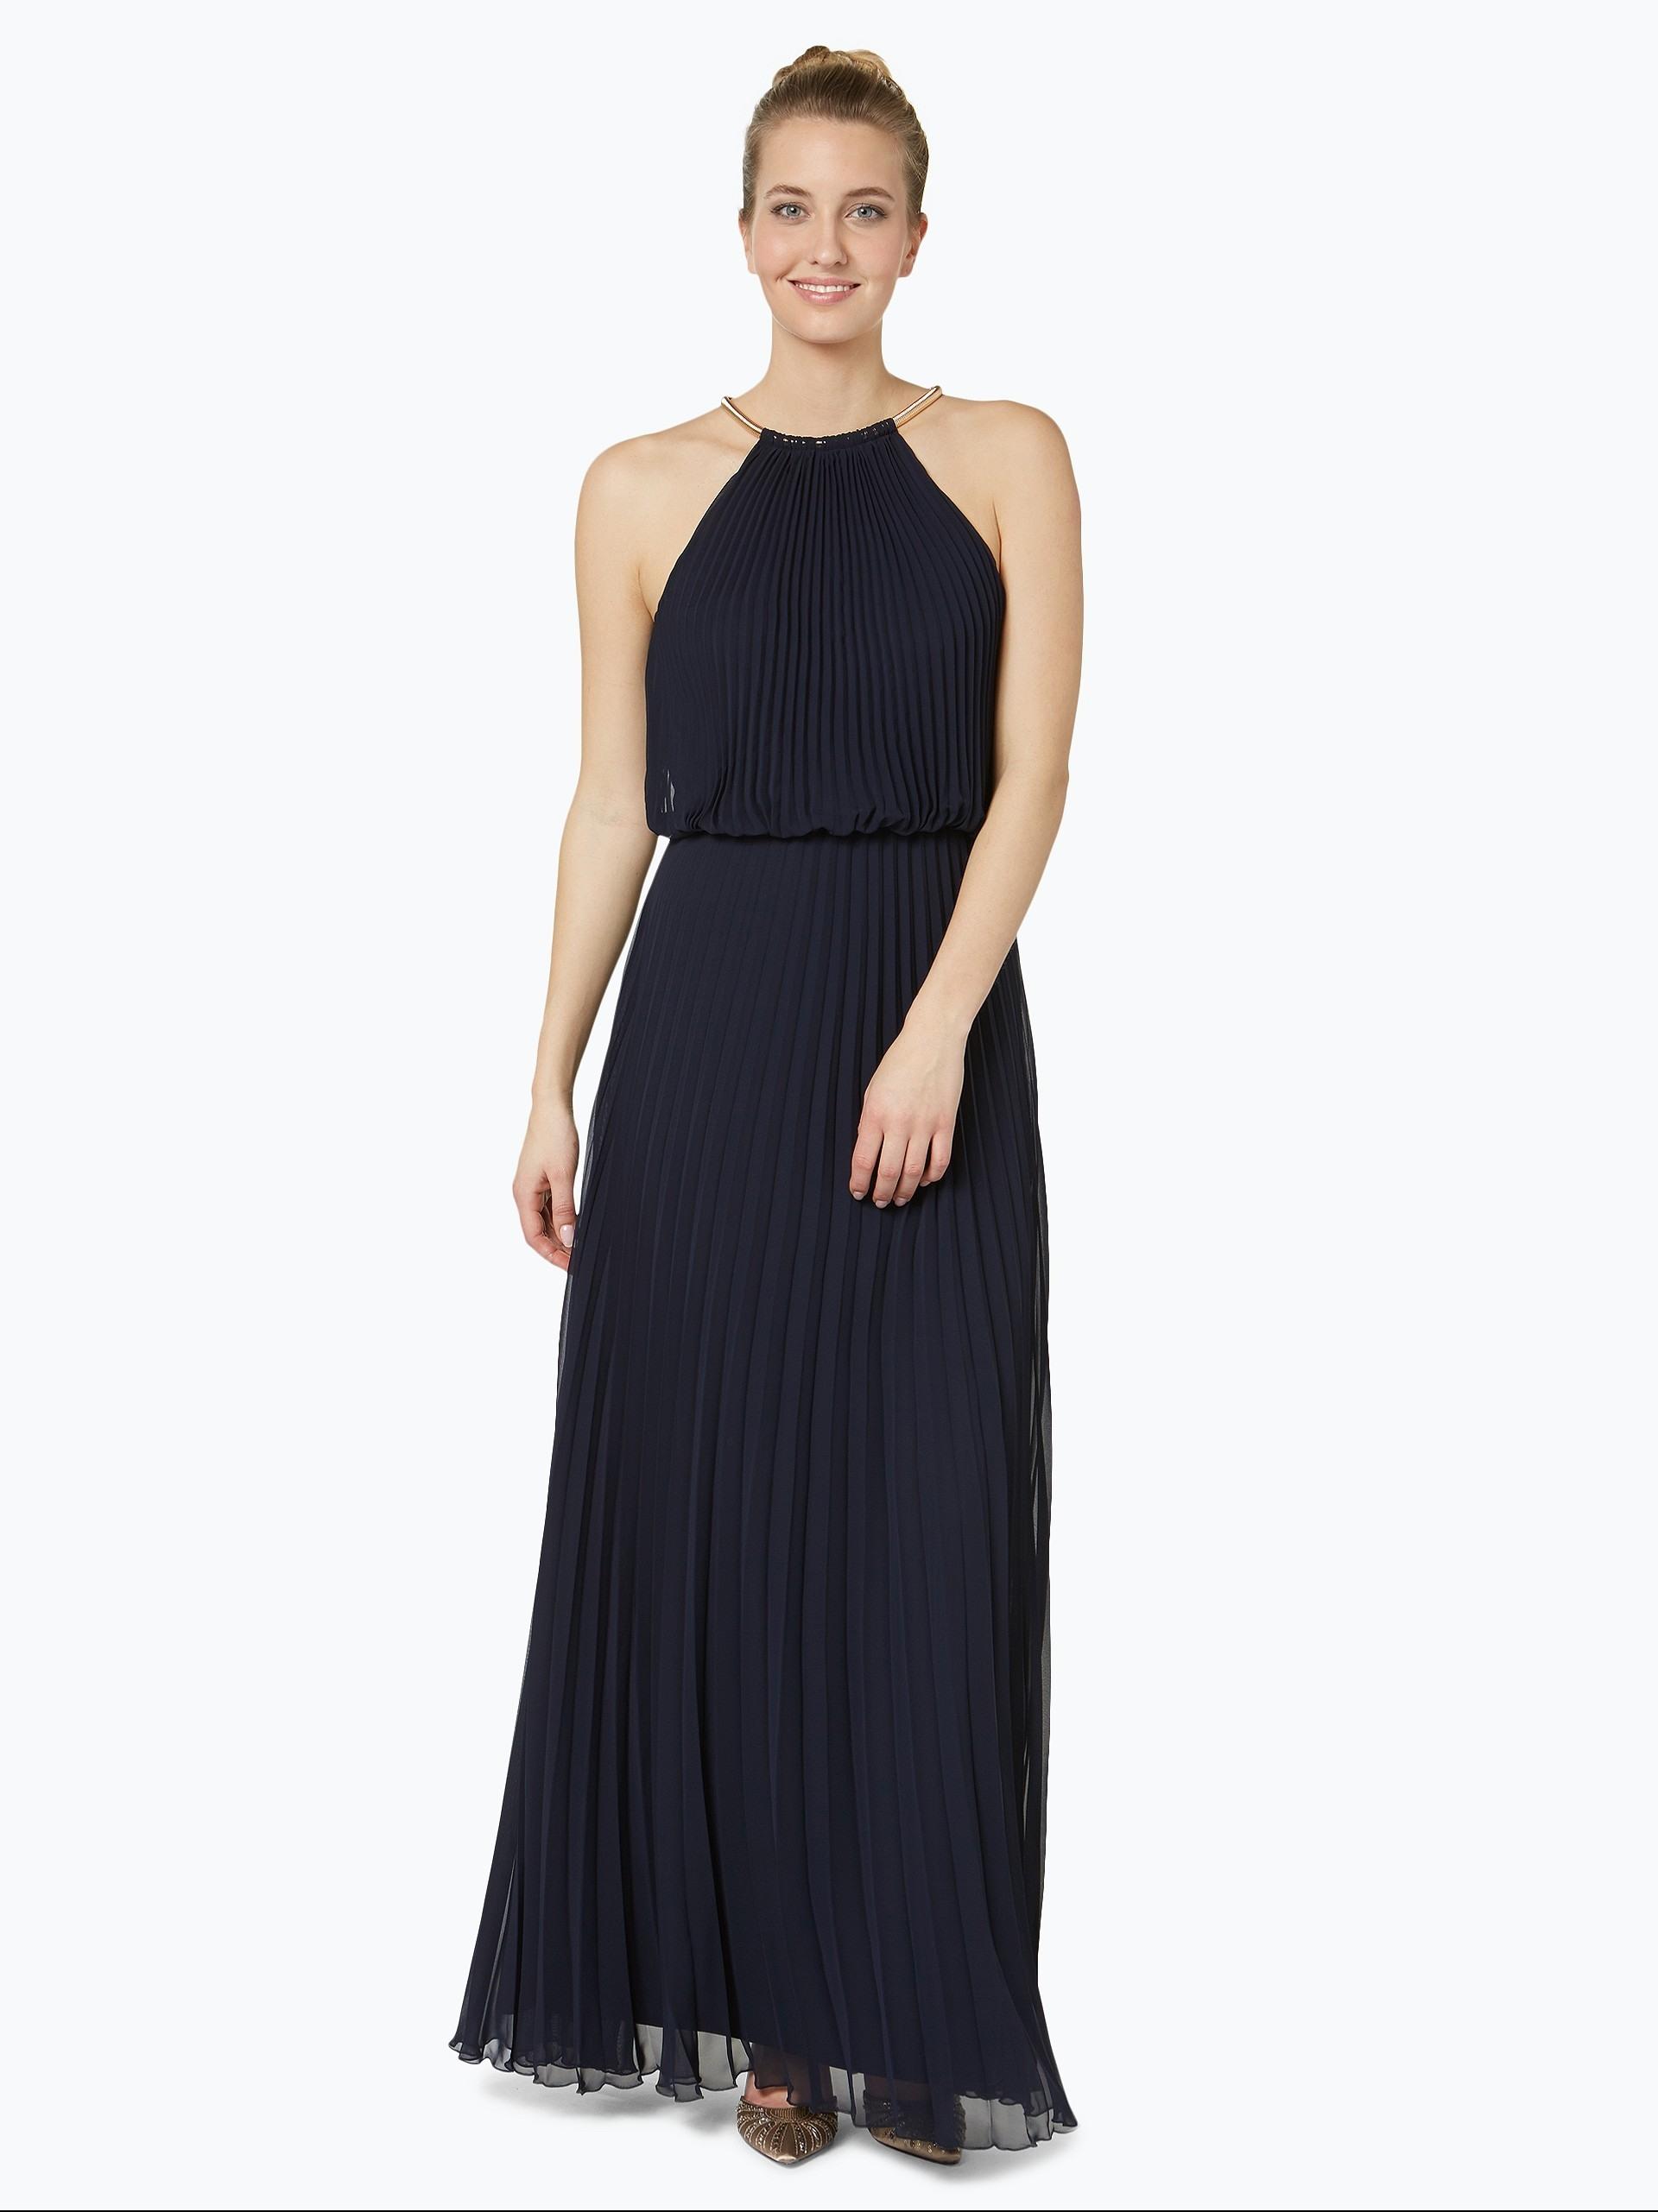 20 Einfach Online Shops Für Abendkleider Vertrieb20 Wunderbar Online Shops Für Abendkleider Ärmel